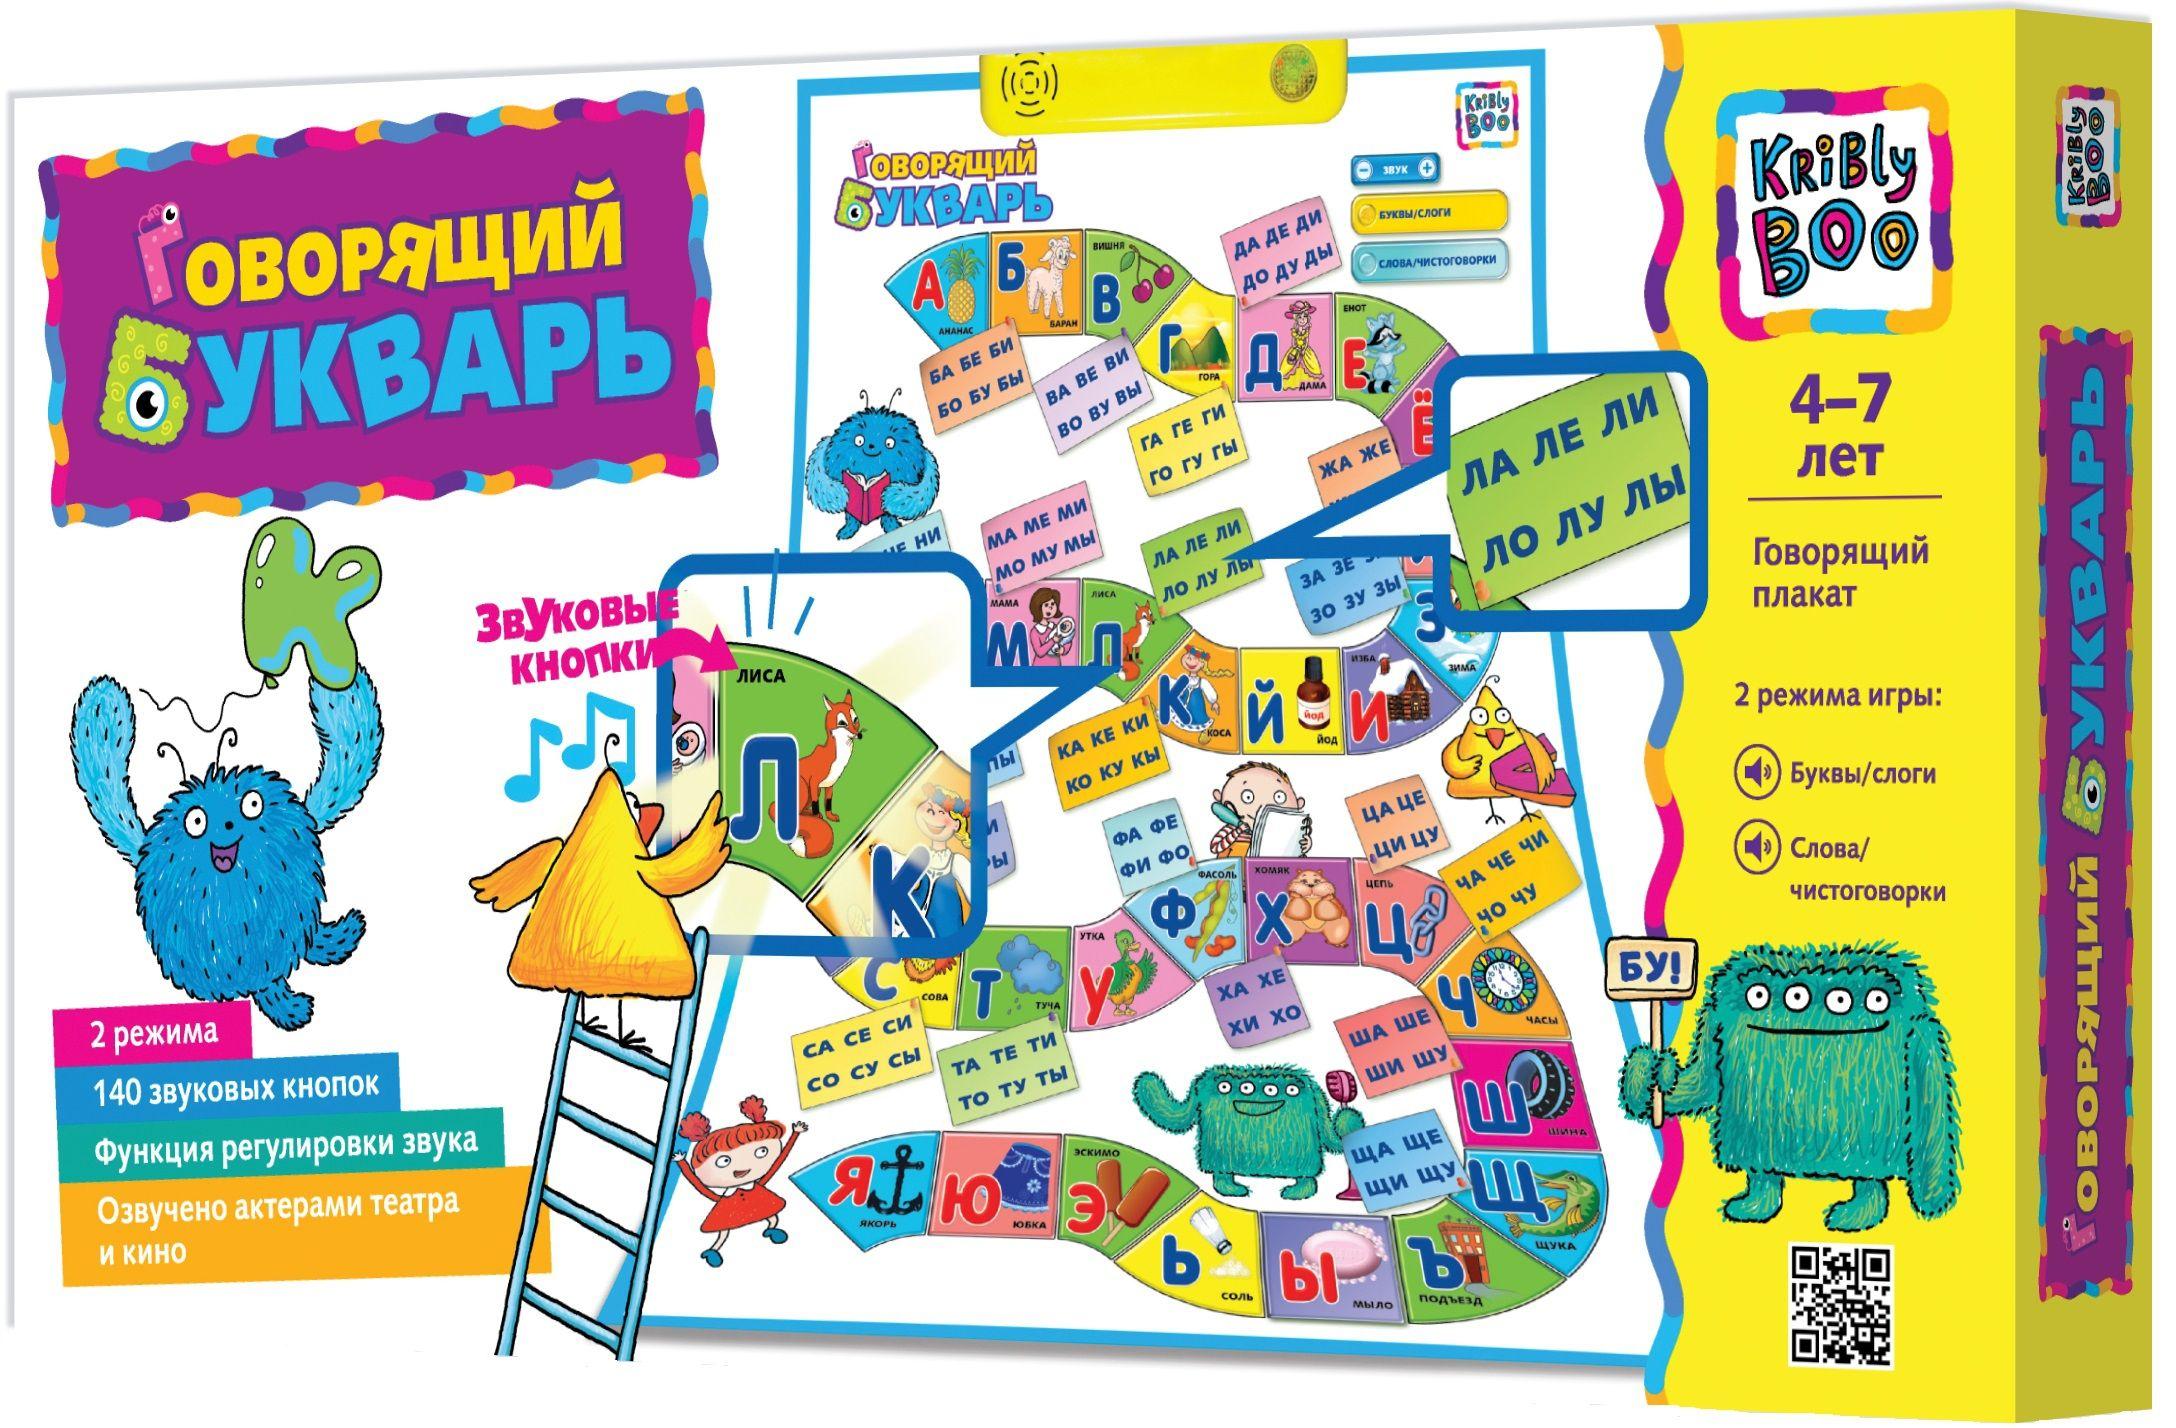 Купить Говорящий плакат Букварь , Обучающие материалы и авторские методики для детей Kribly Boo, Обучающие игры